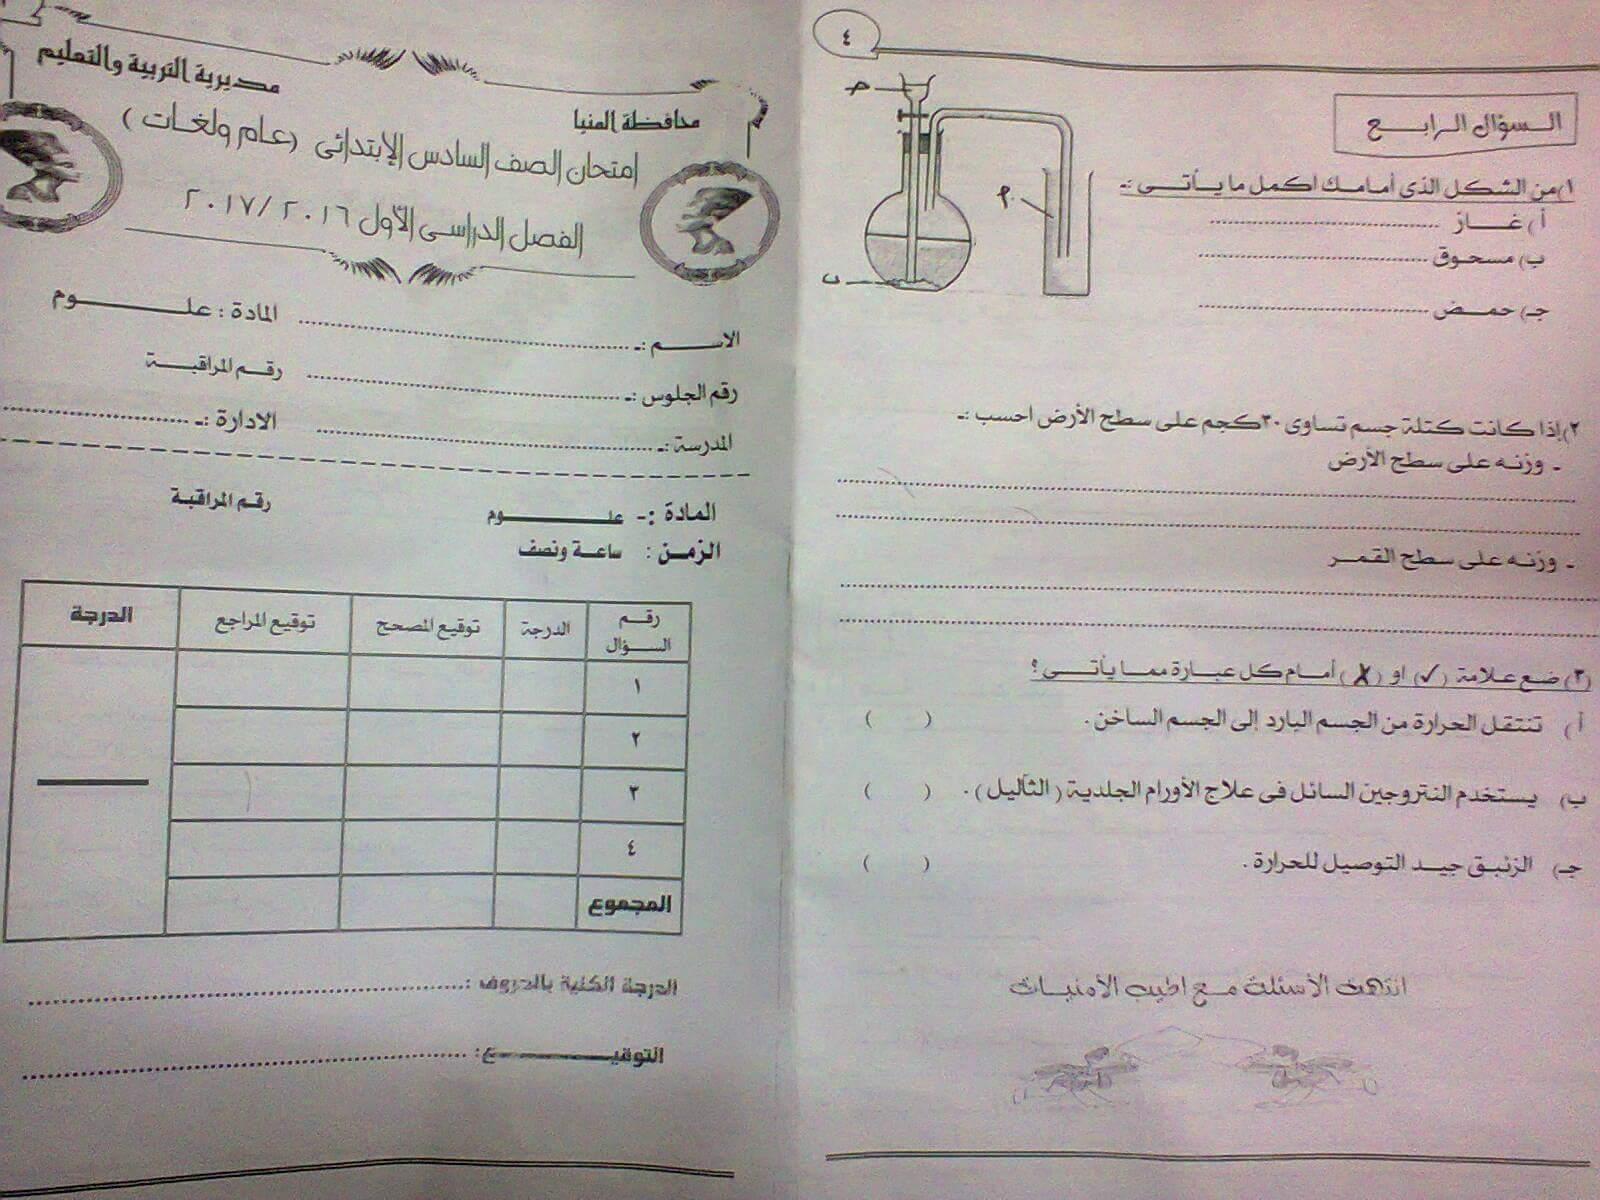 امتحان نصف العام الرسمى فى العلوم الصف السادس محافظة المنيا 2017meynia science p6